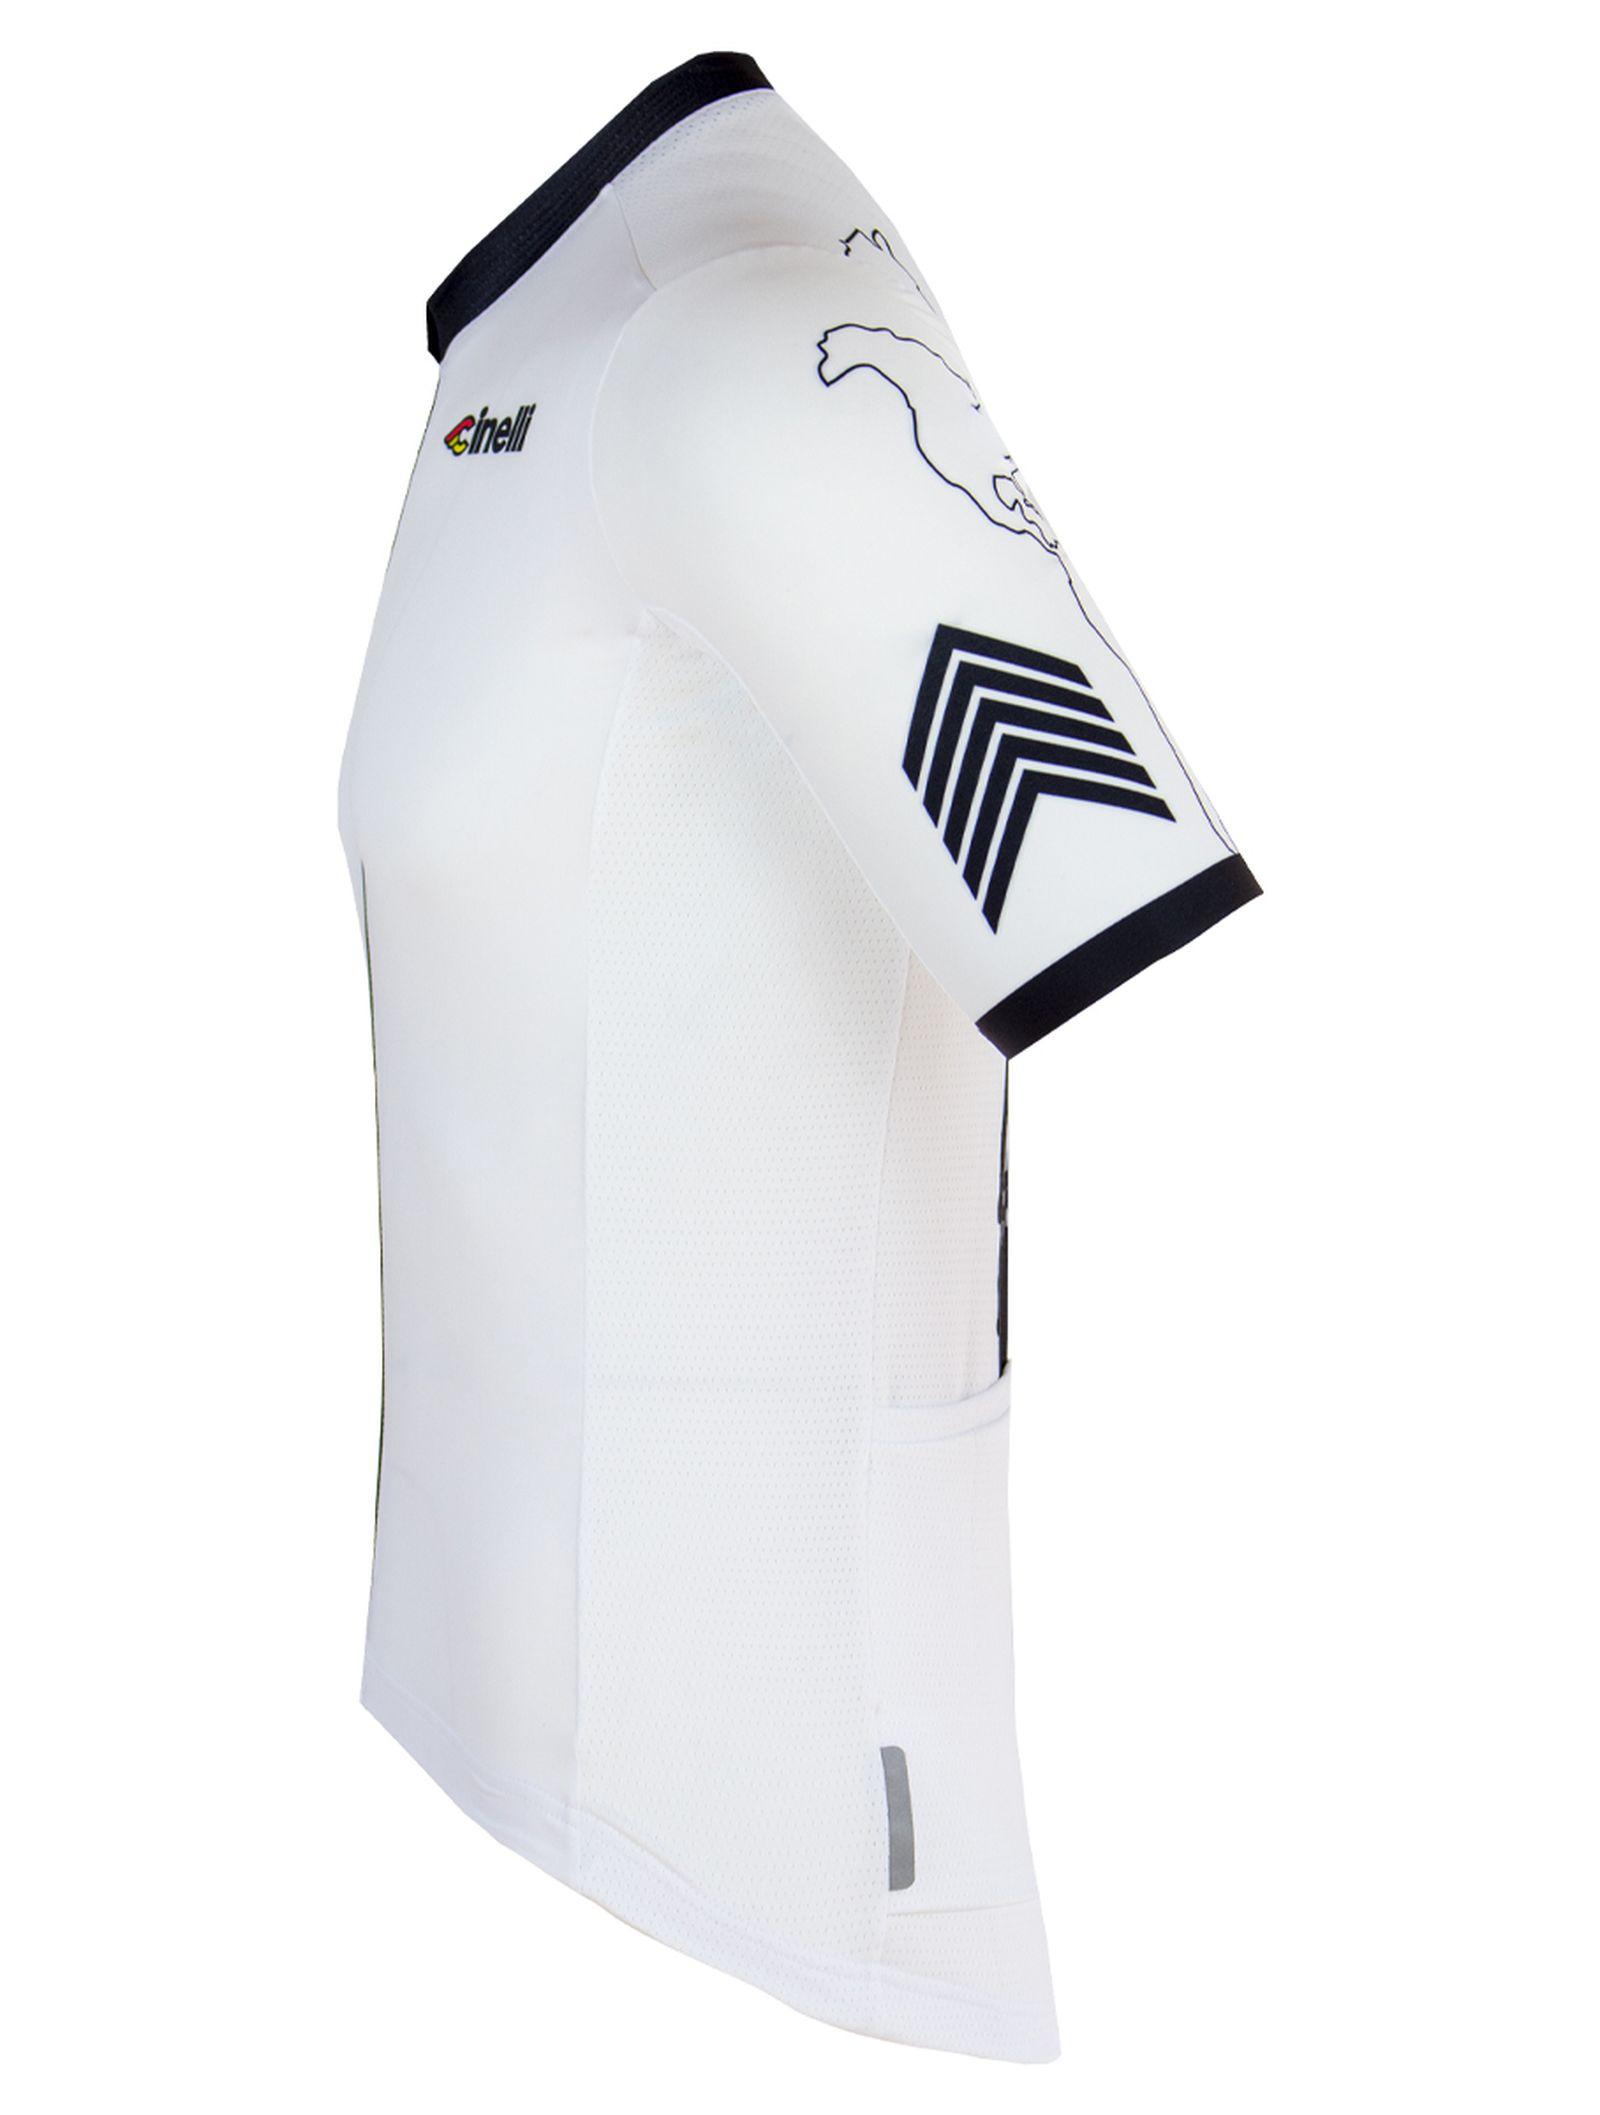 futura_cinelli-apparel-collab- (4)